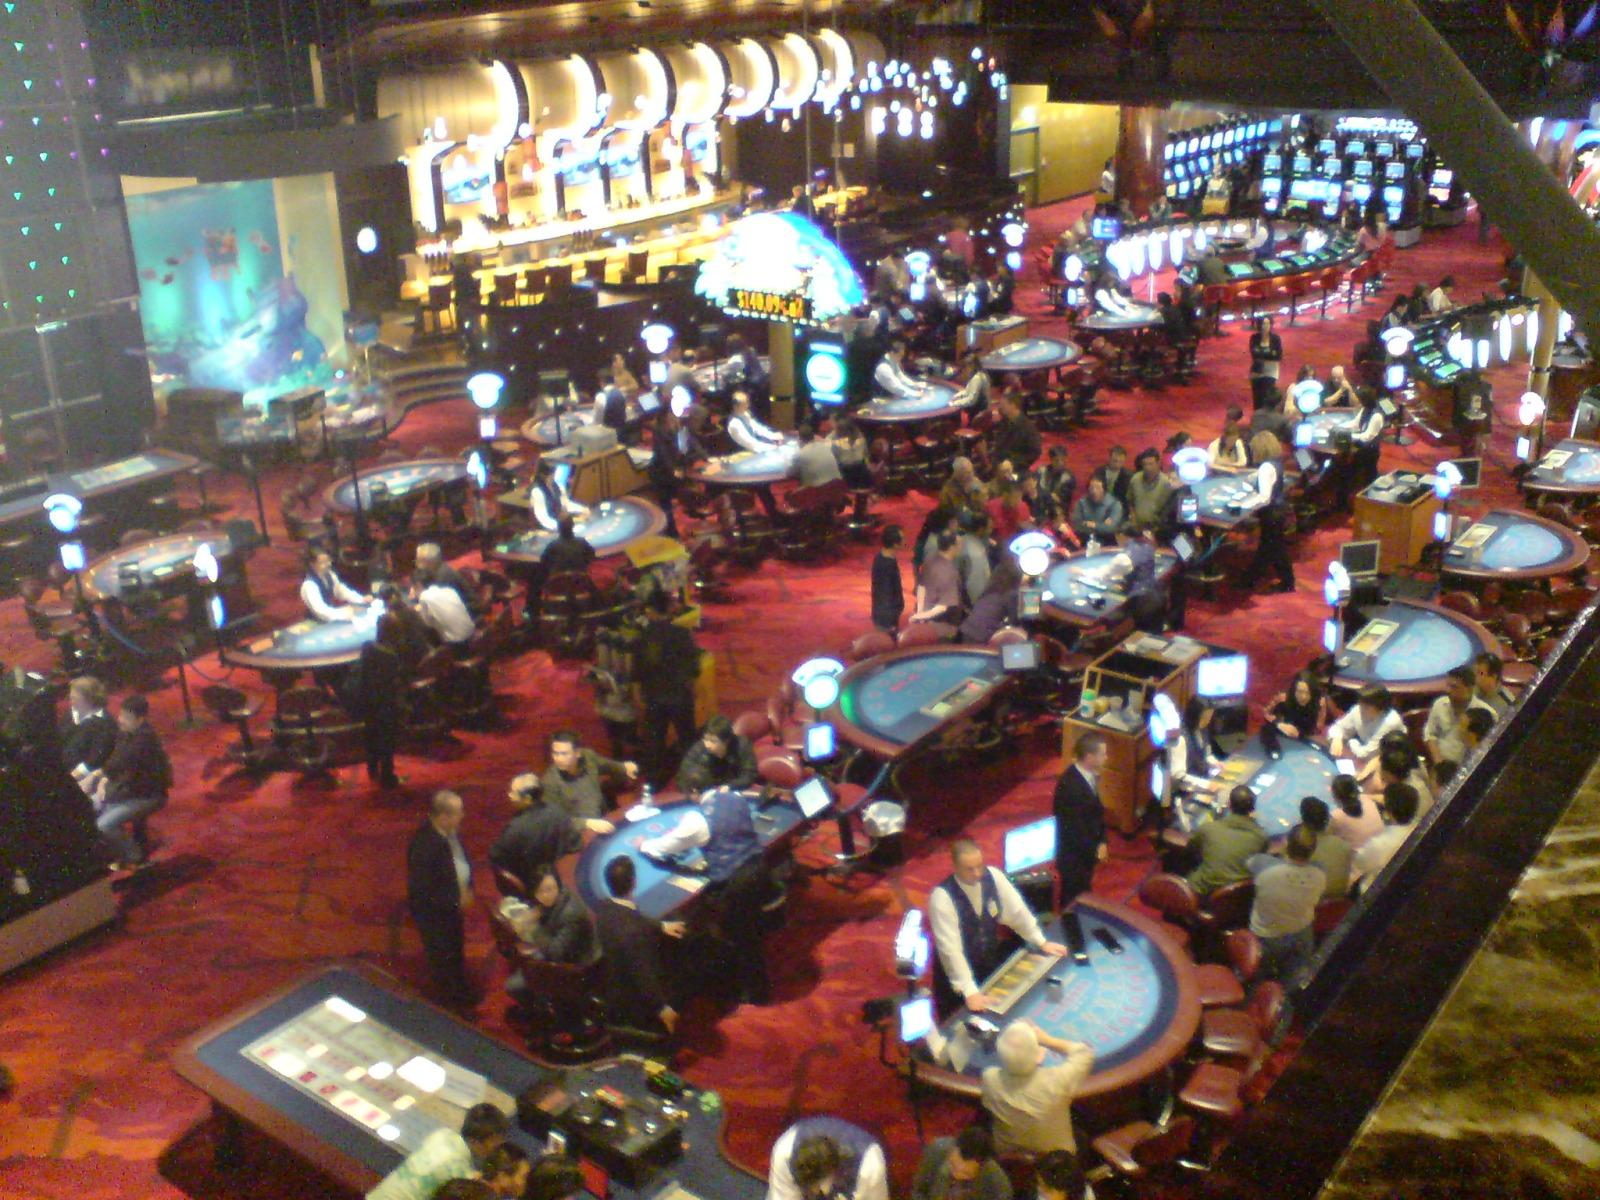 sky casino auckland